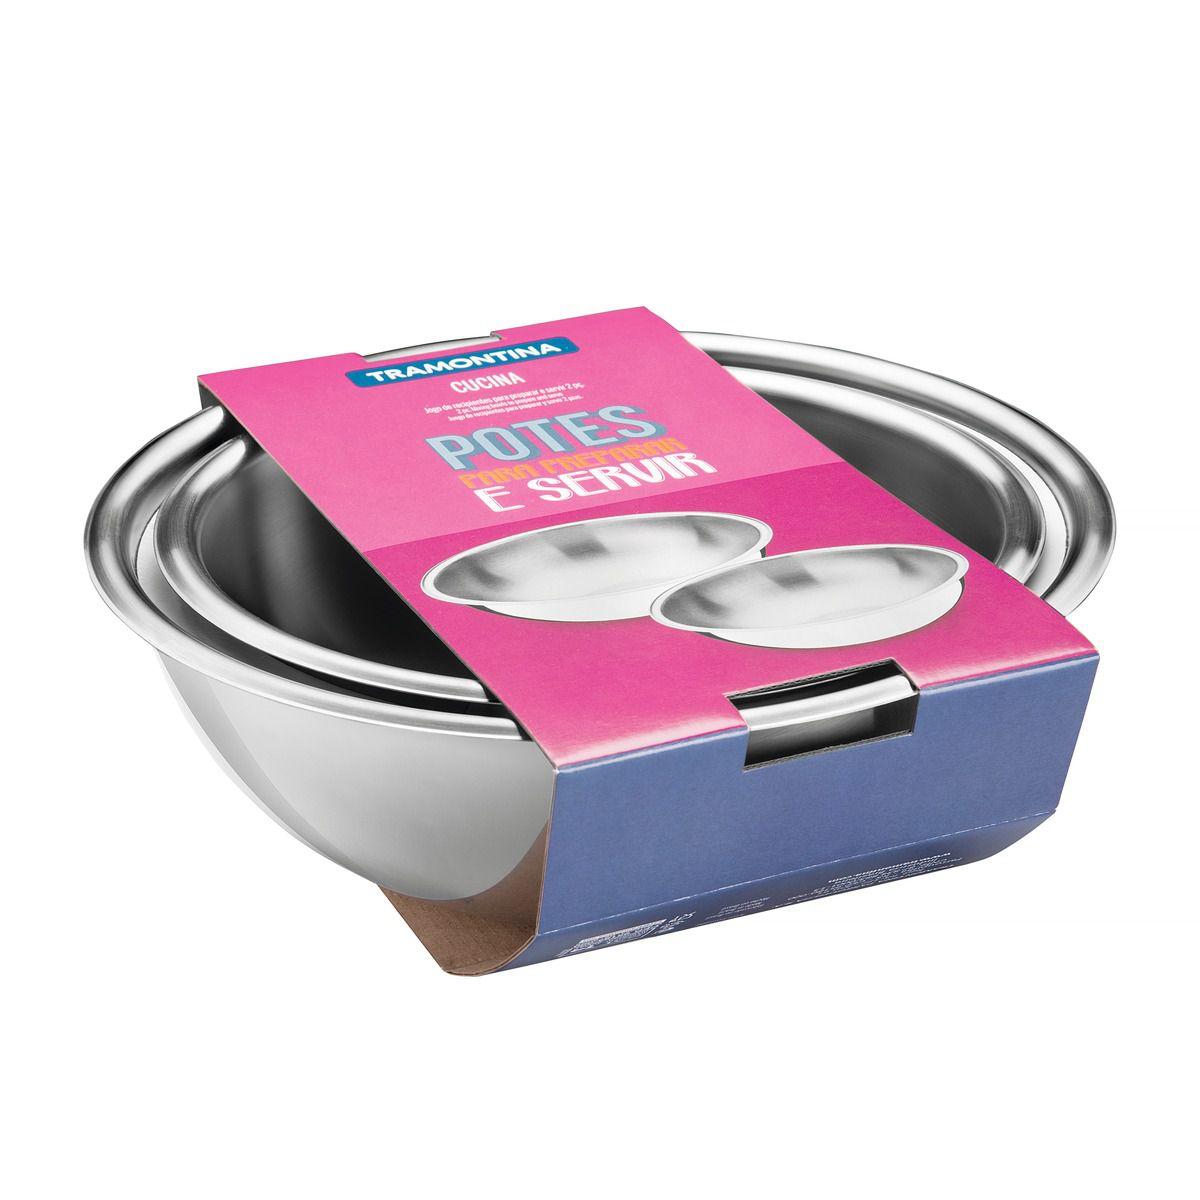 Jogo de recipientes para preparar e servir 2 pç. 64220/220 | Lojas Estrela